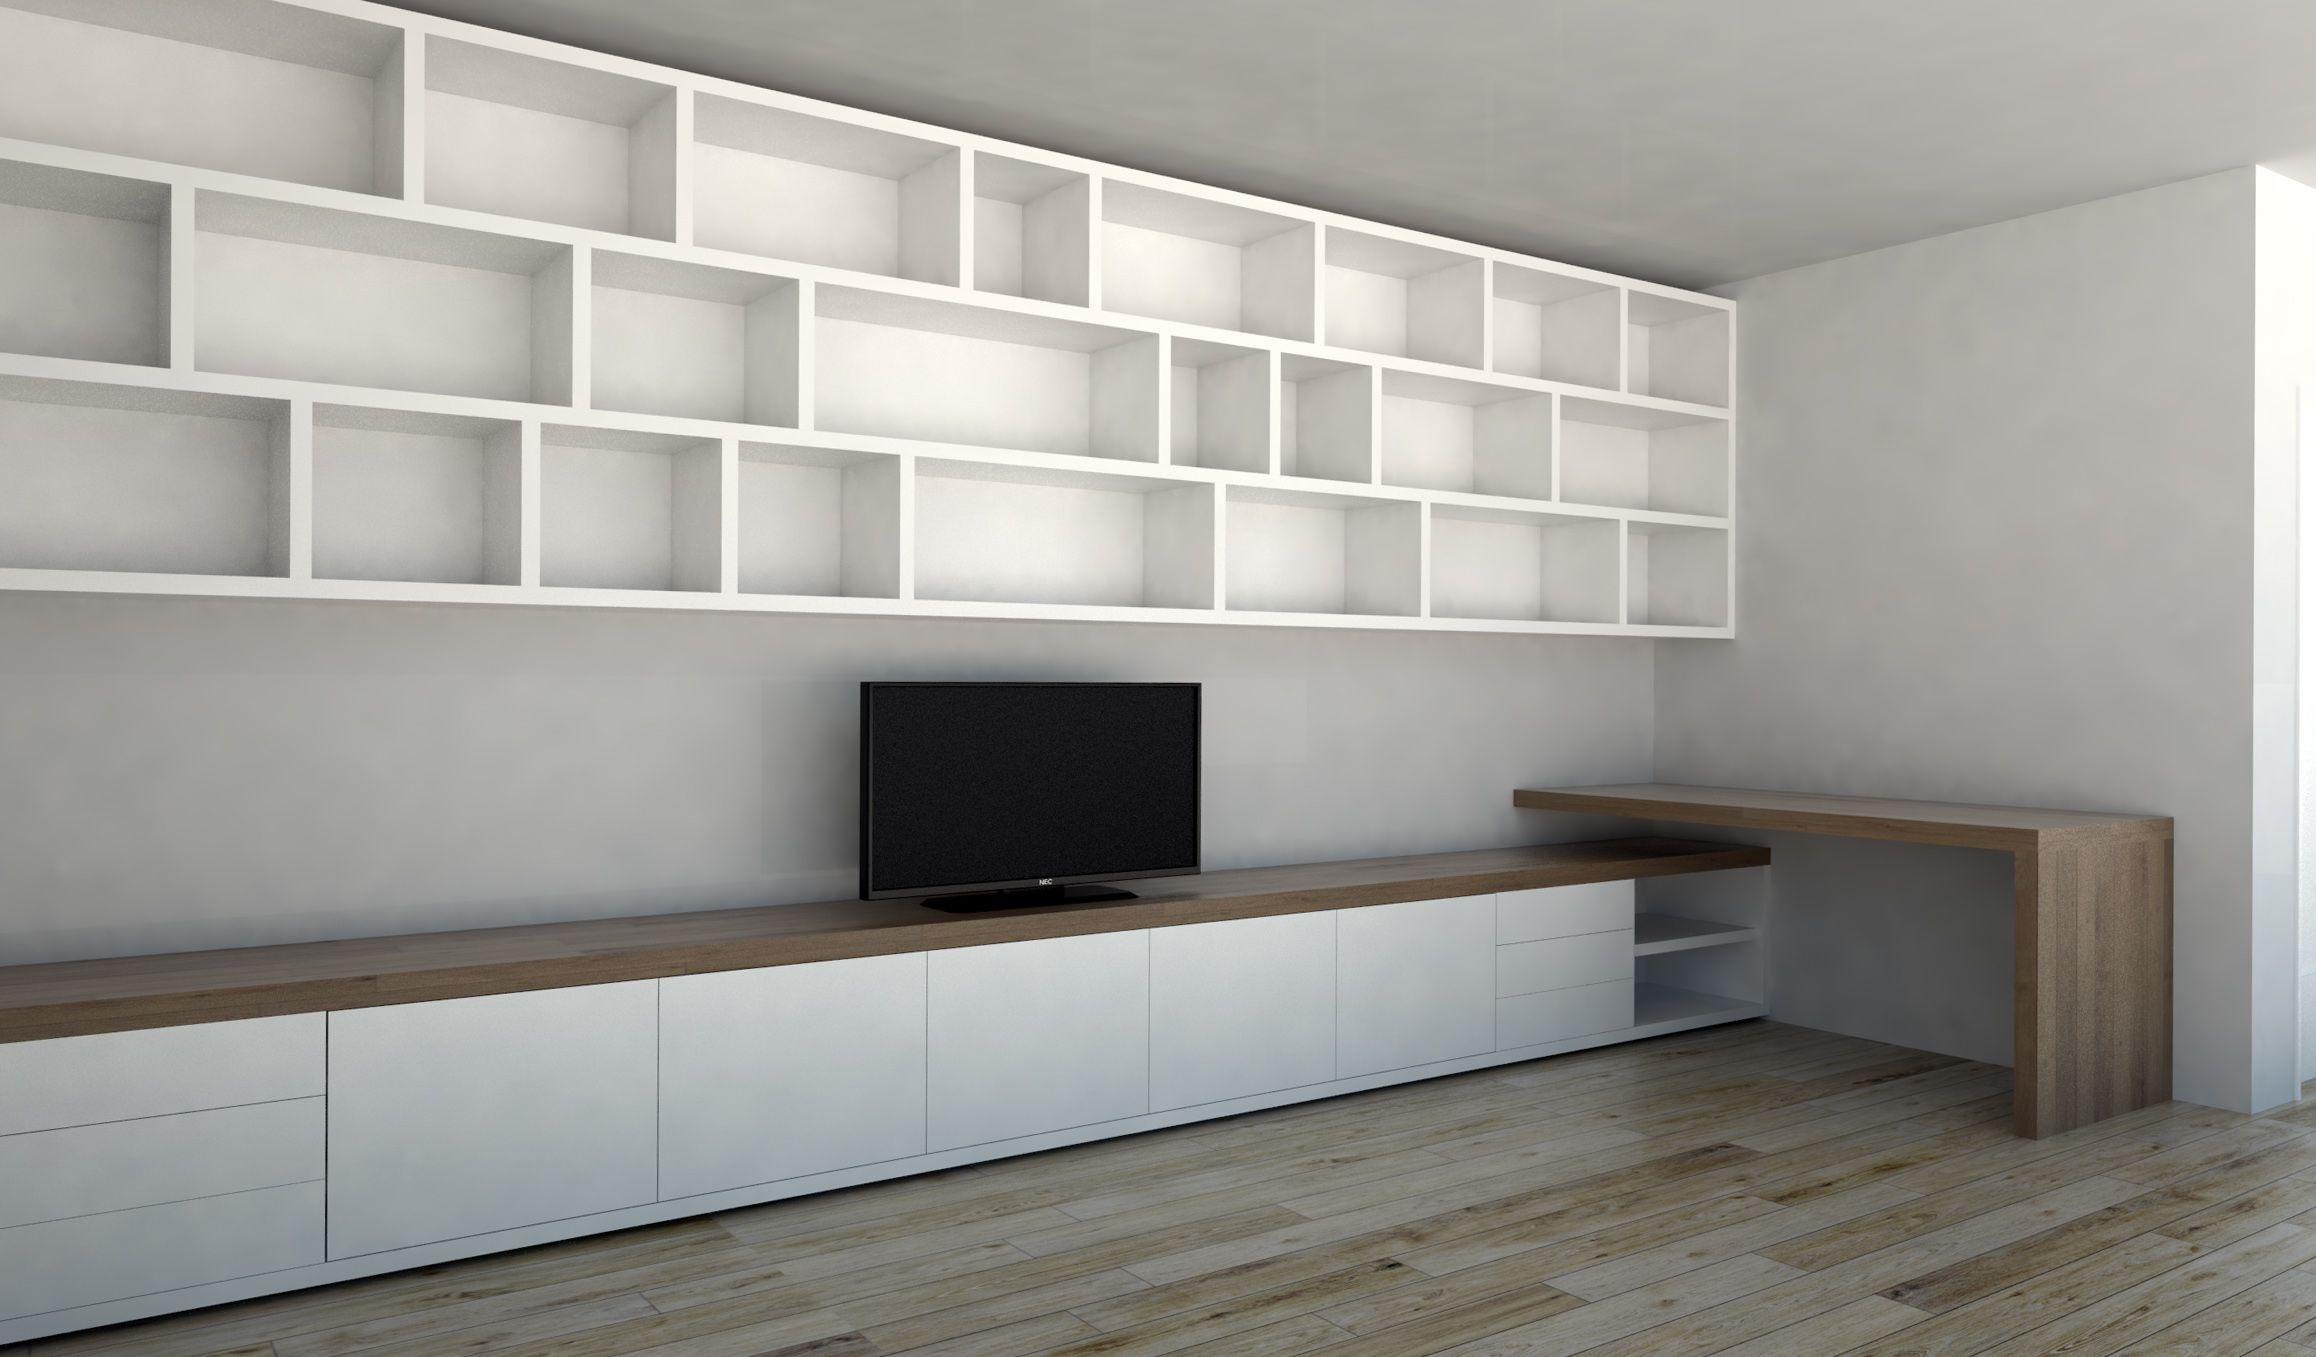 mooie woonkamer kast : kasten op maat: dressoir, boekenkast, tv, Deco ideeën